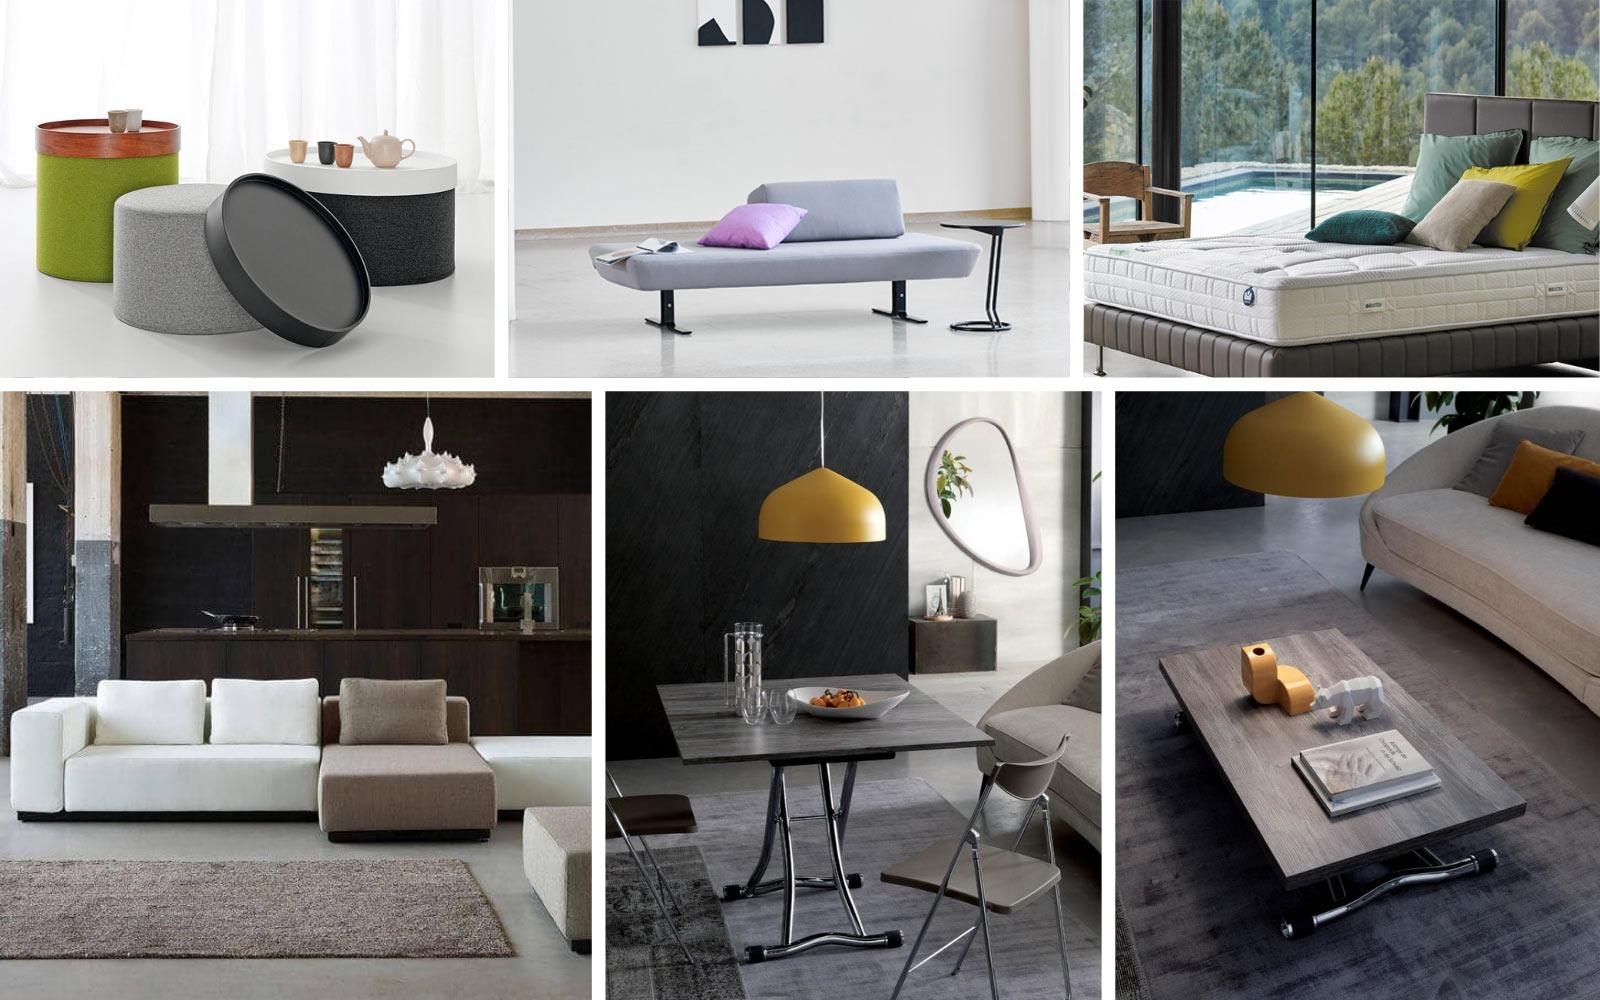 Lit Qui Se Monte Et Descend lit escamotable bedup® : la solution pour les petits espaces